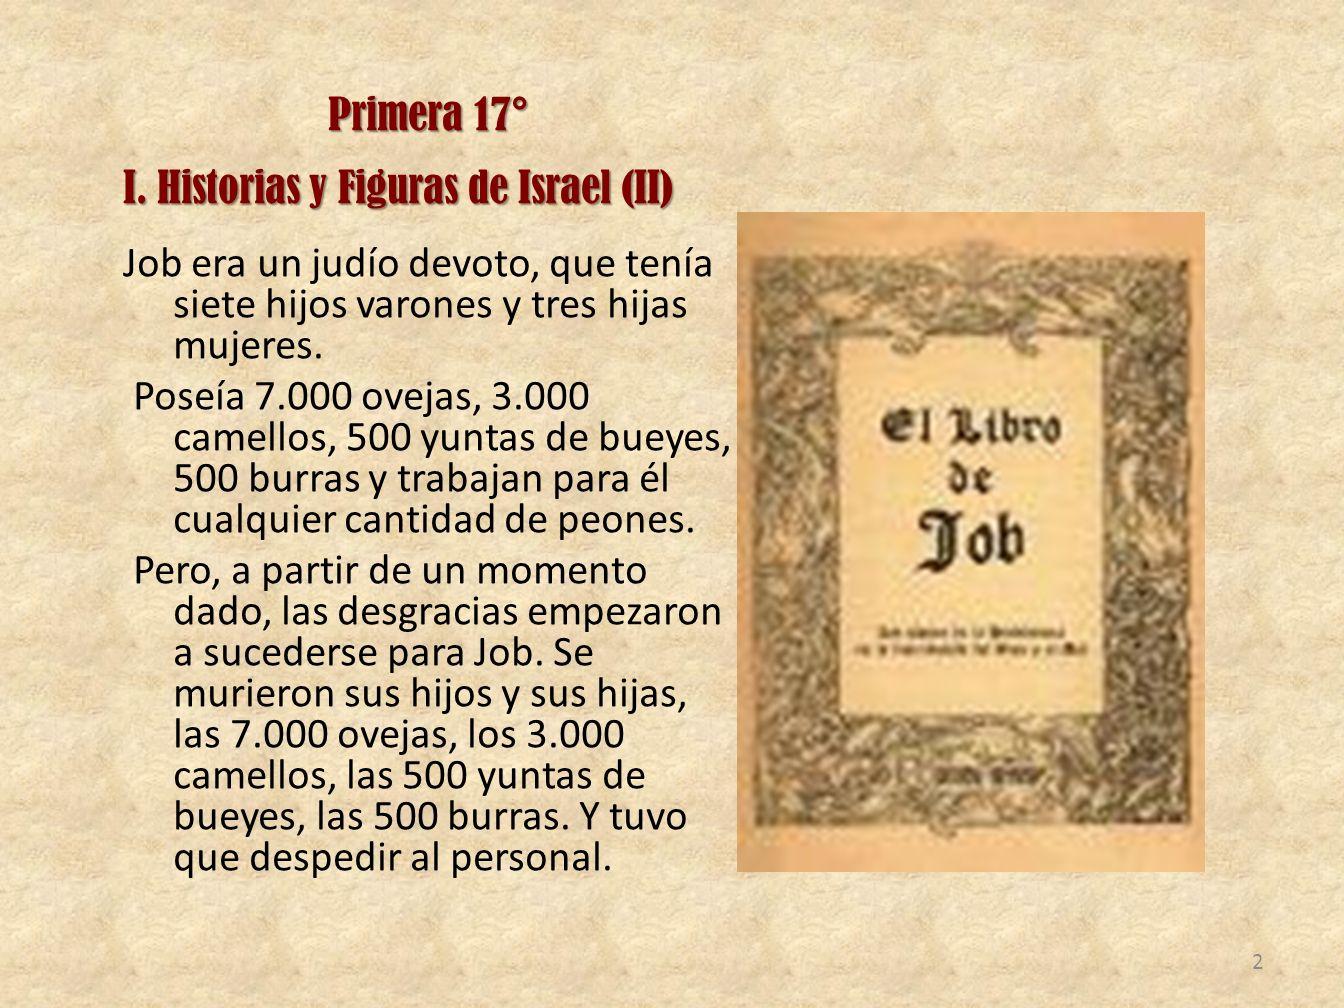 Primera 17° I. Historias y Figuras de Israel (II) Job era un judío devoto, que tenía siete hijos varones y tres hijas mujeres. Poseía 7.000 ovejas, 3.